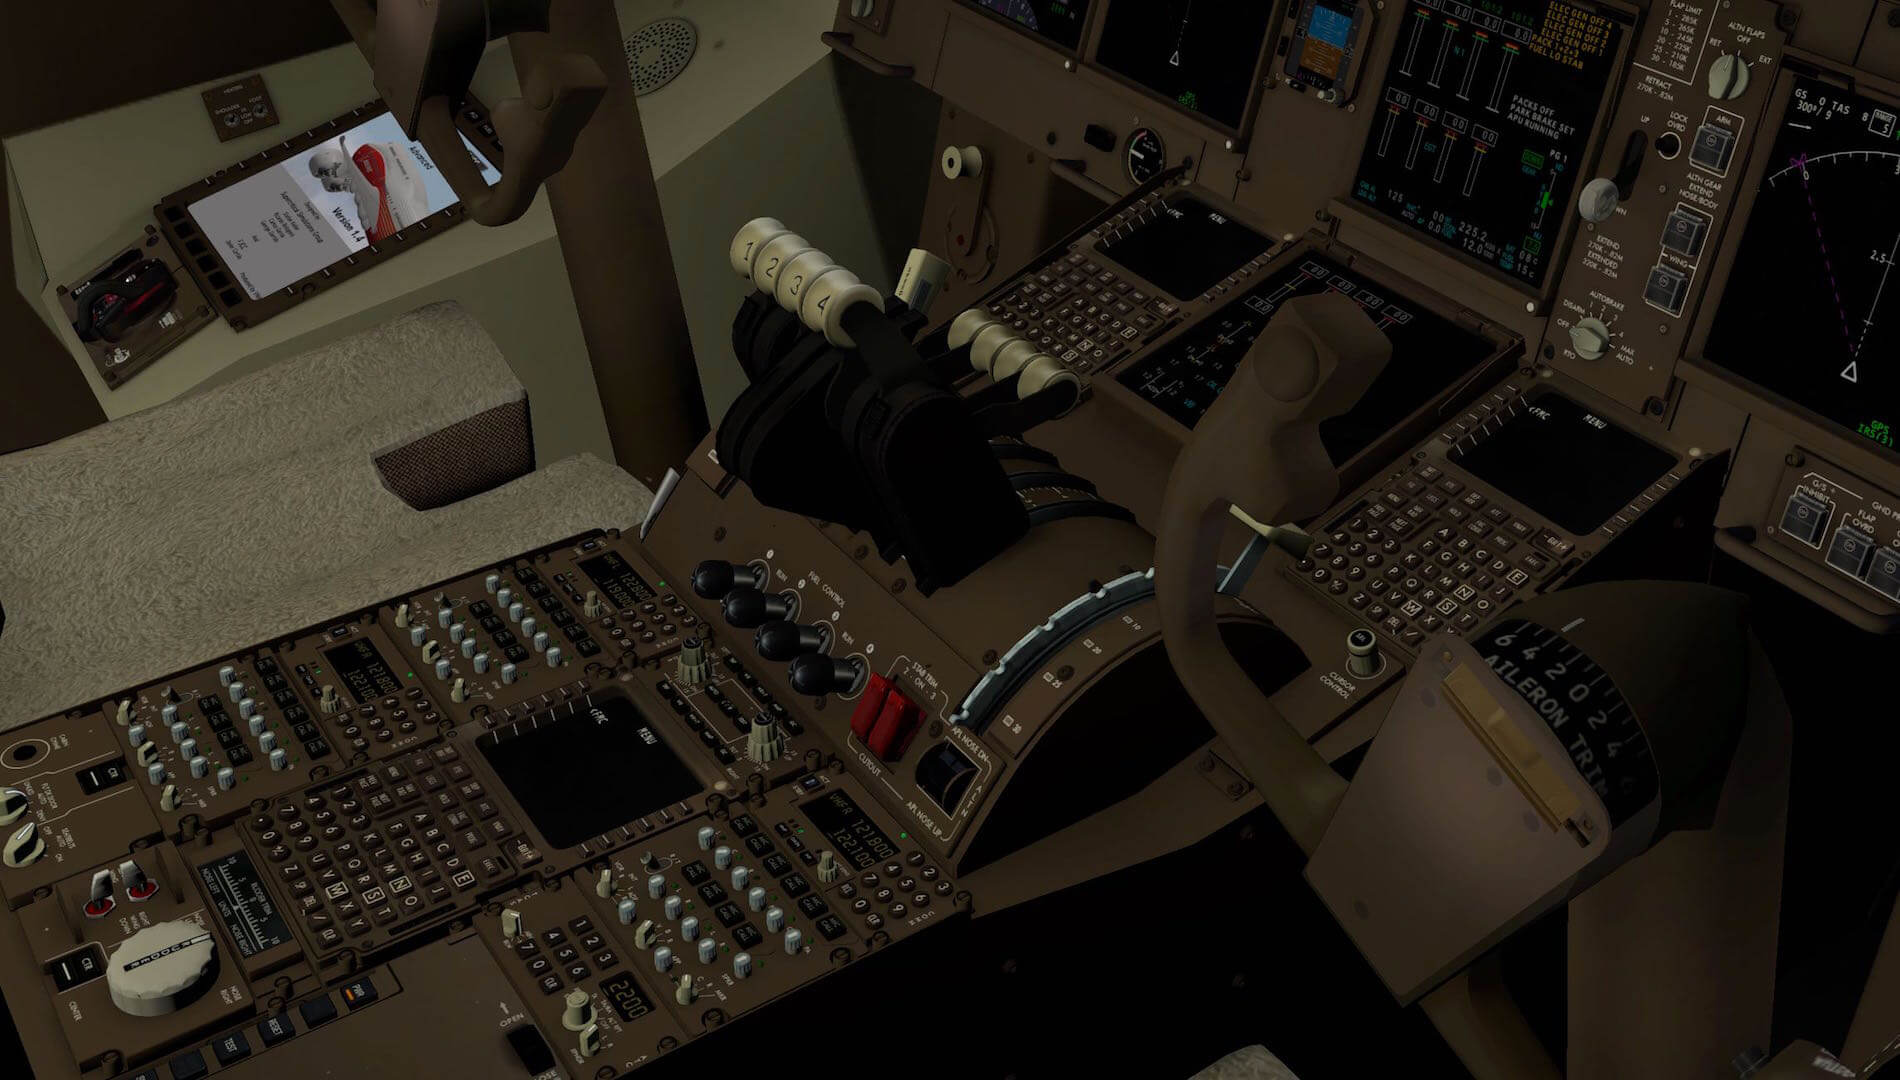 ssg-748i-00010